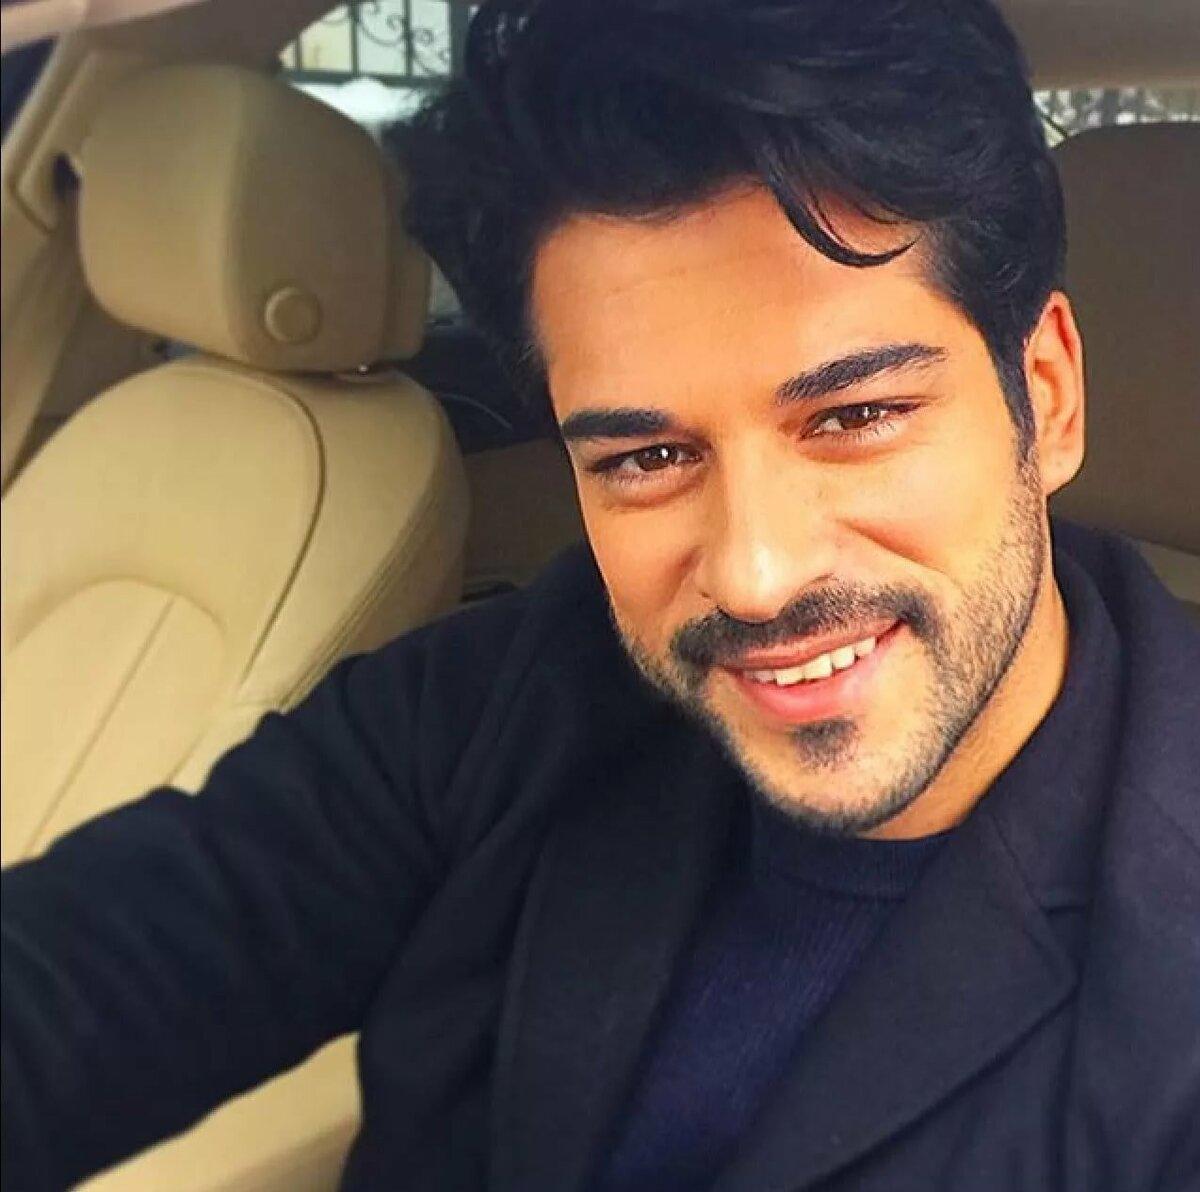 бурак турецкий актер фото в инстаграм чьих картах